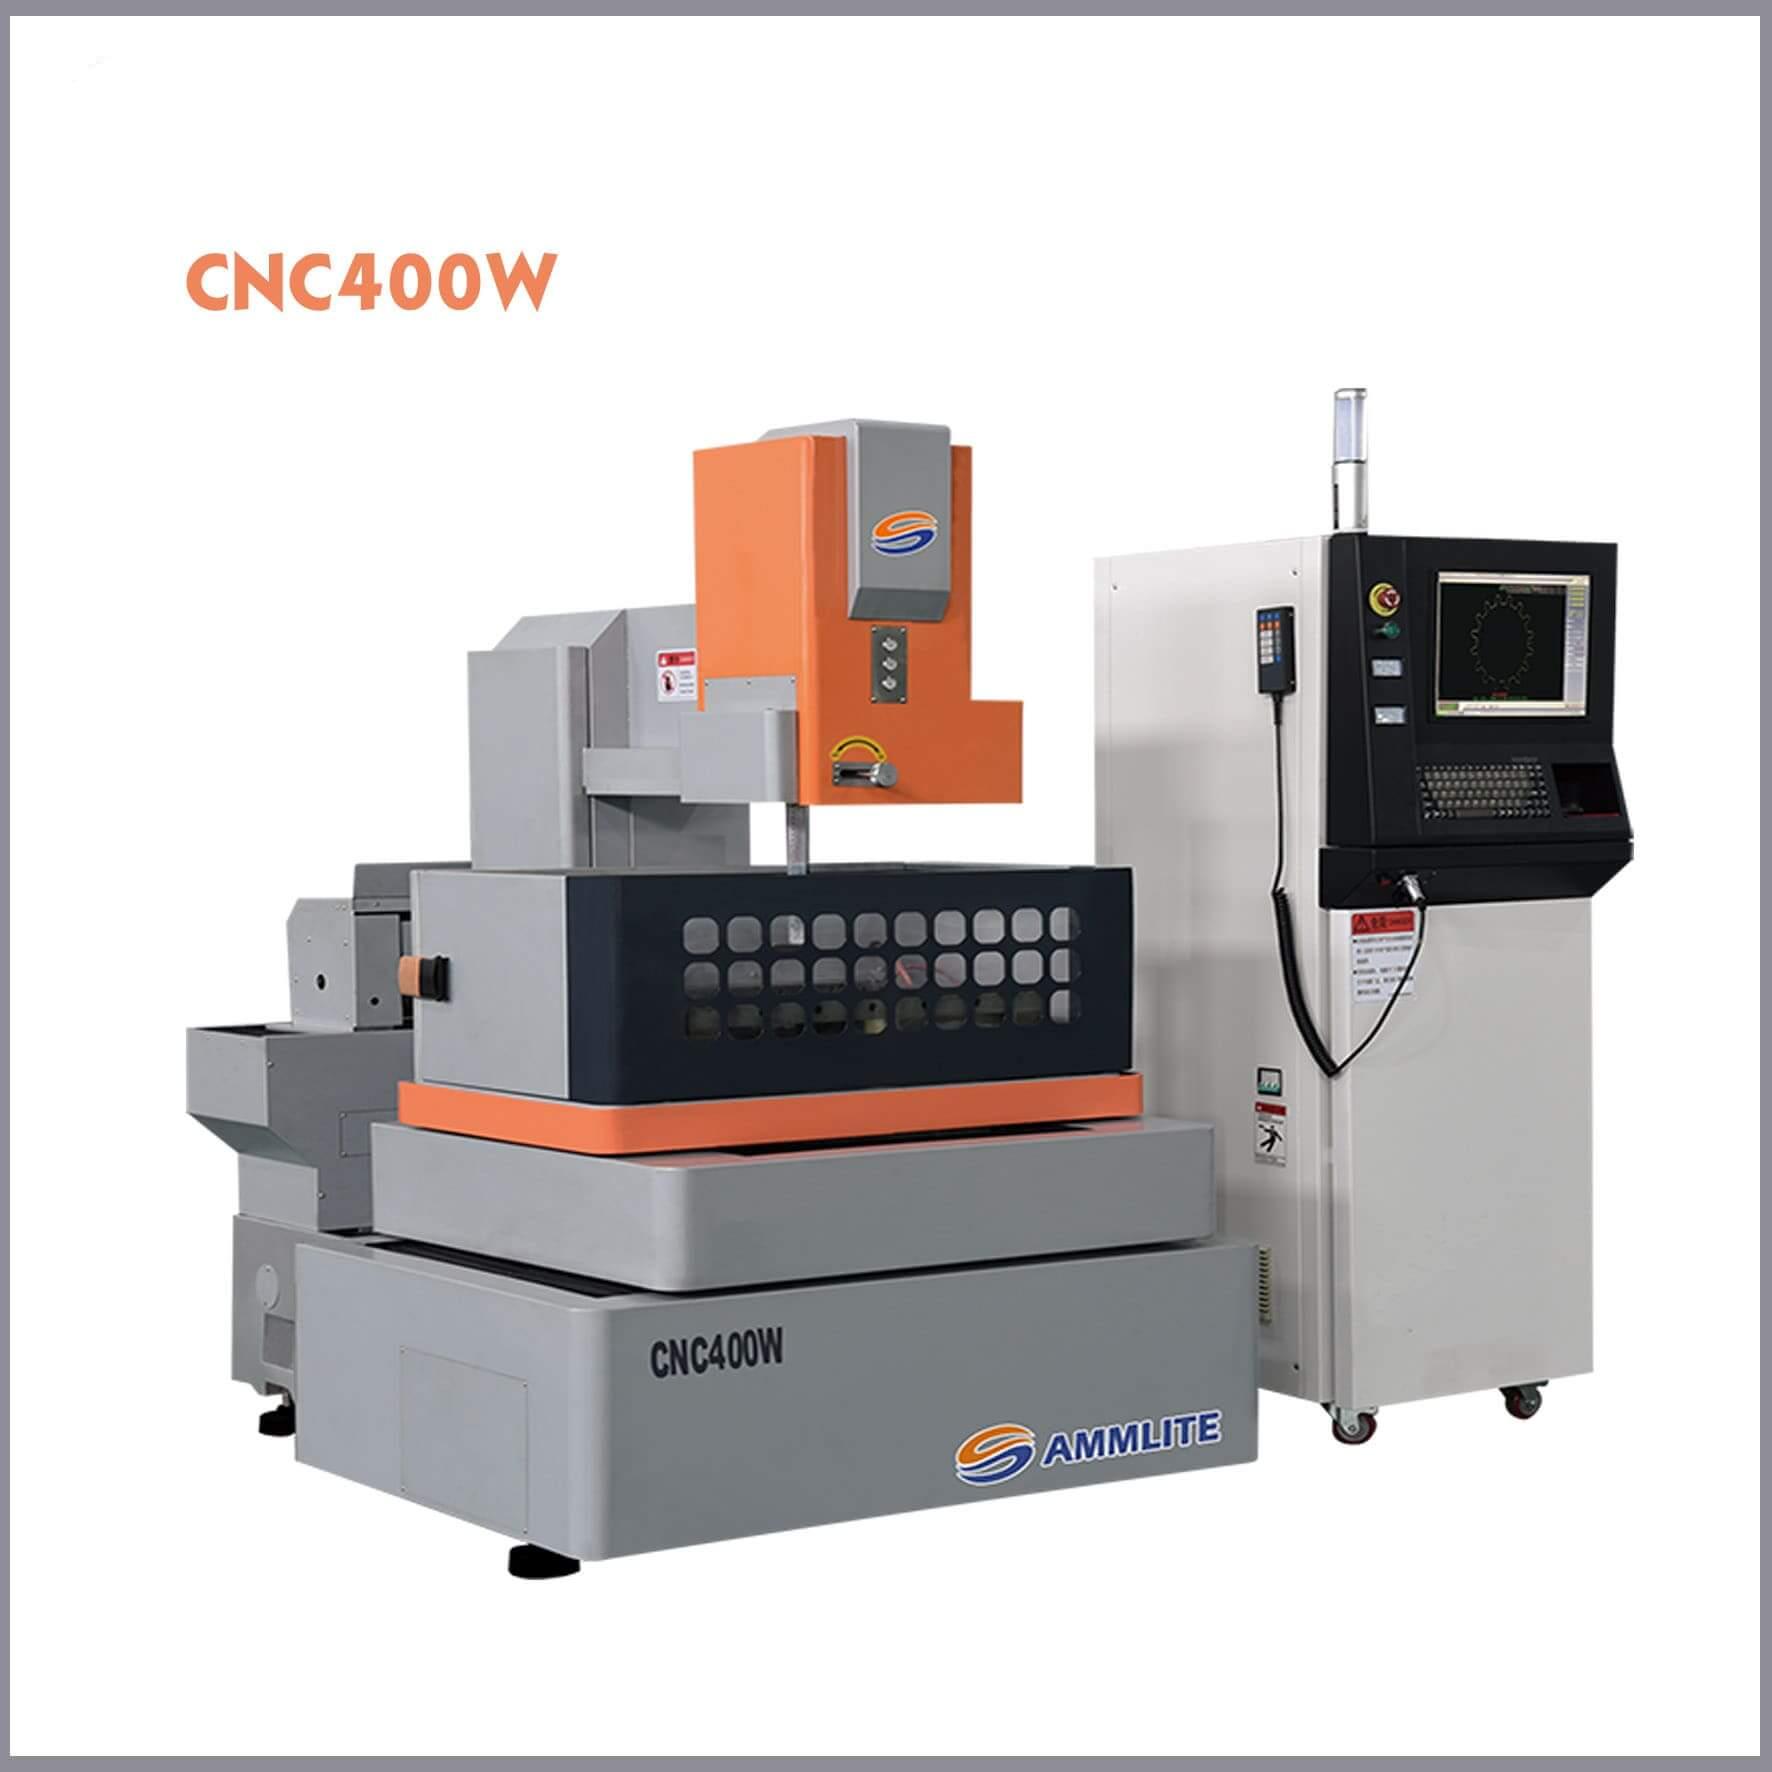 CNC400W Dalma Erozyon Tezgahı